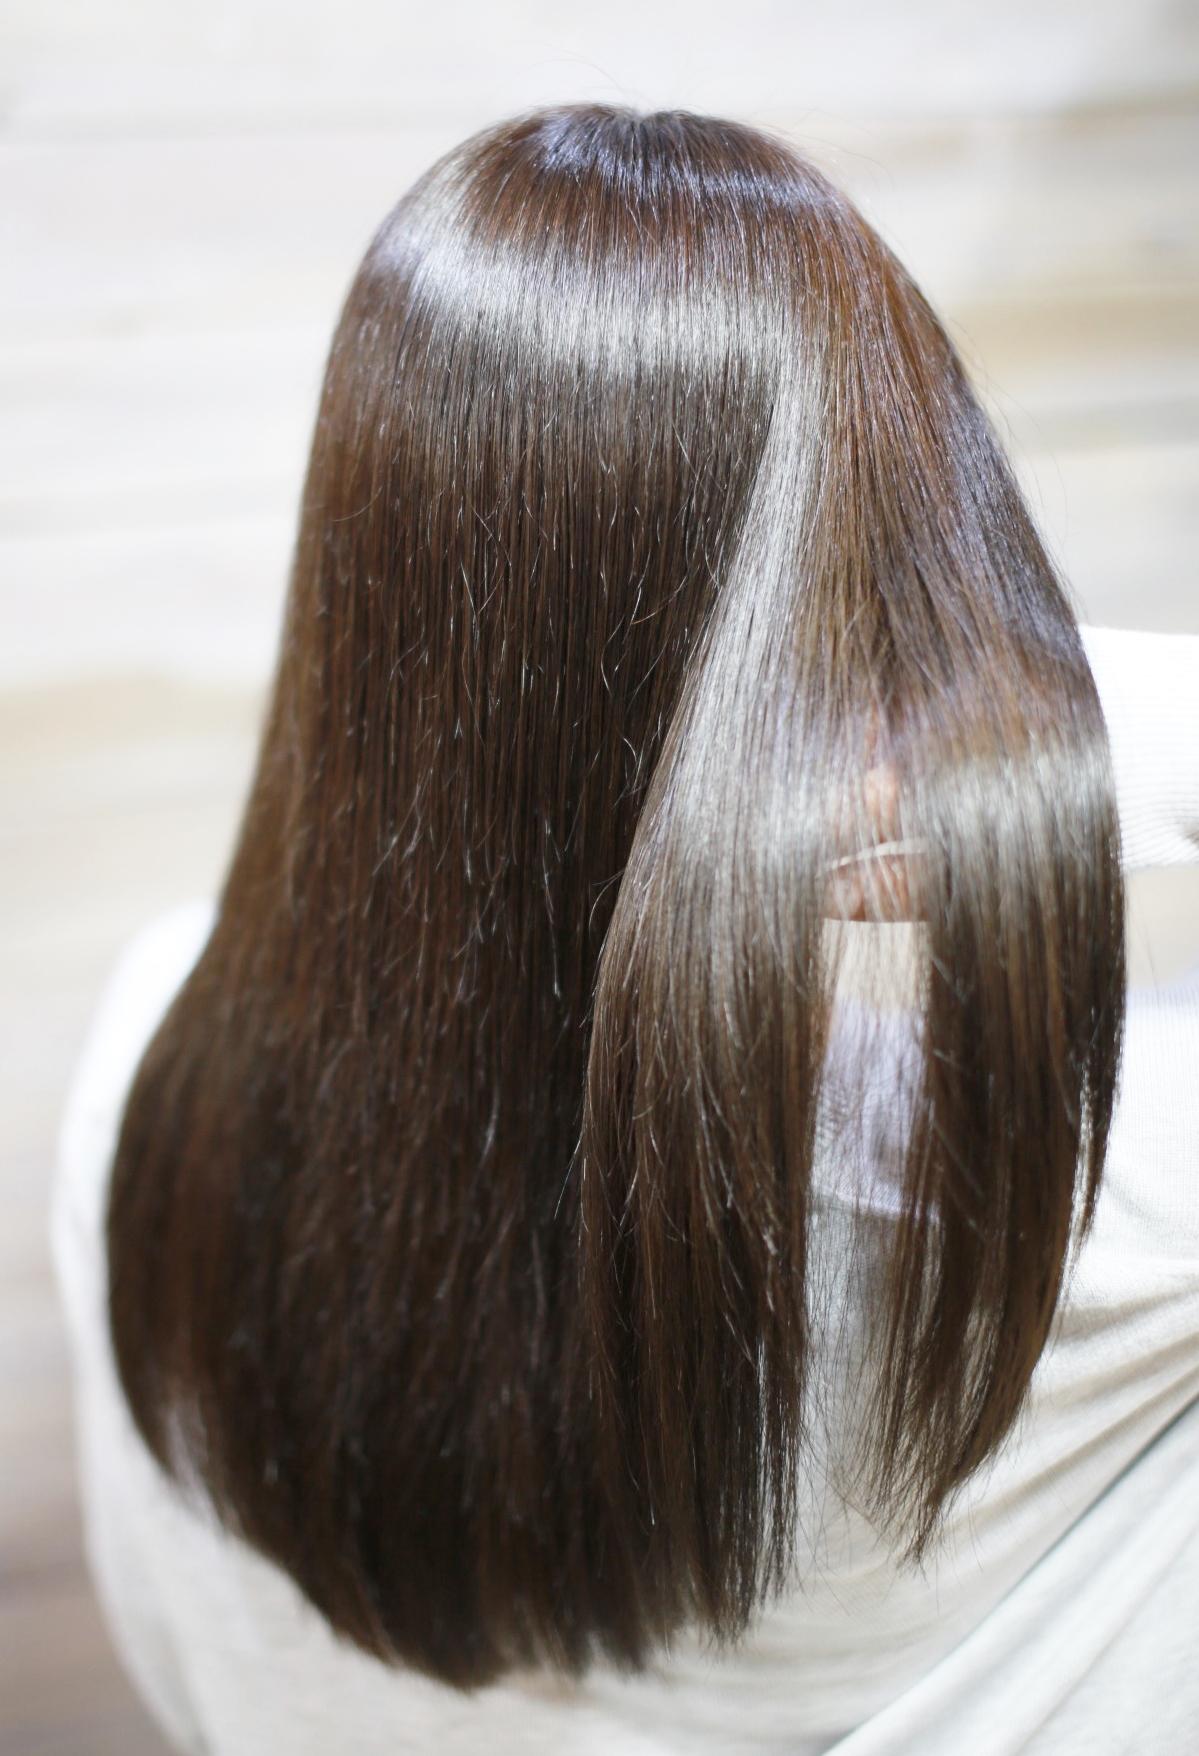 新宿のヘッドスパが気持ちいい美容室生トリートメントとヘアカラー